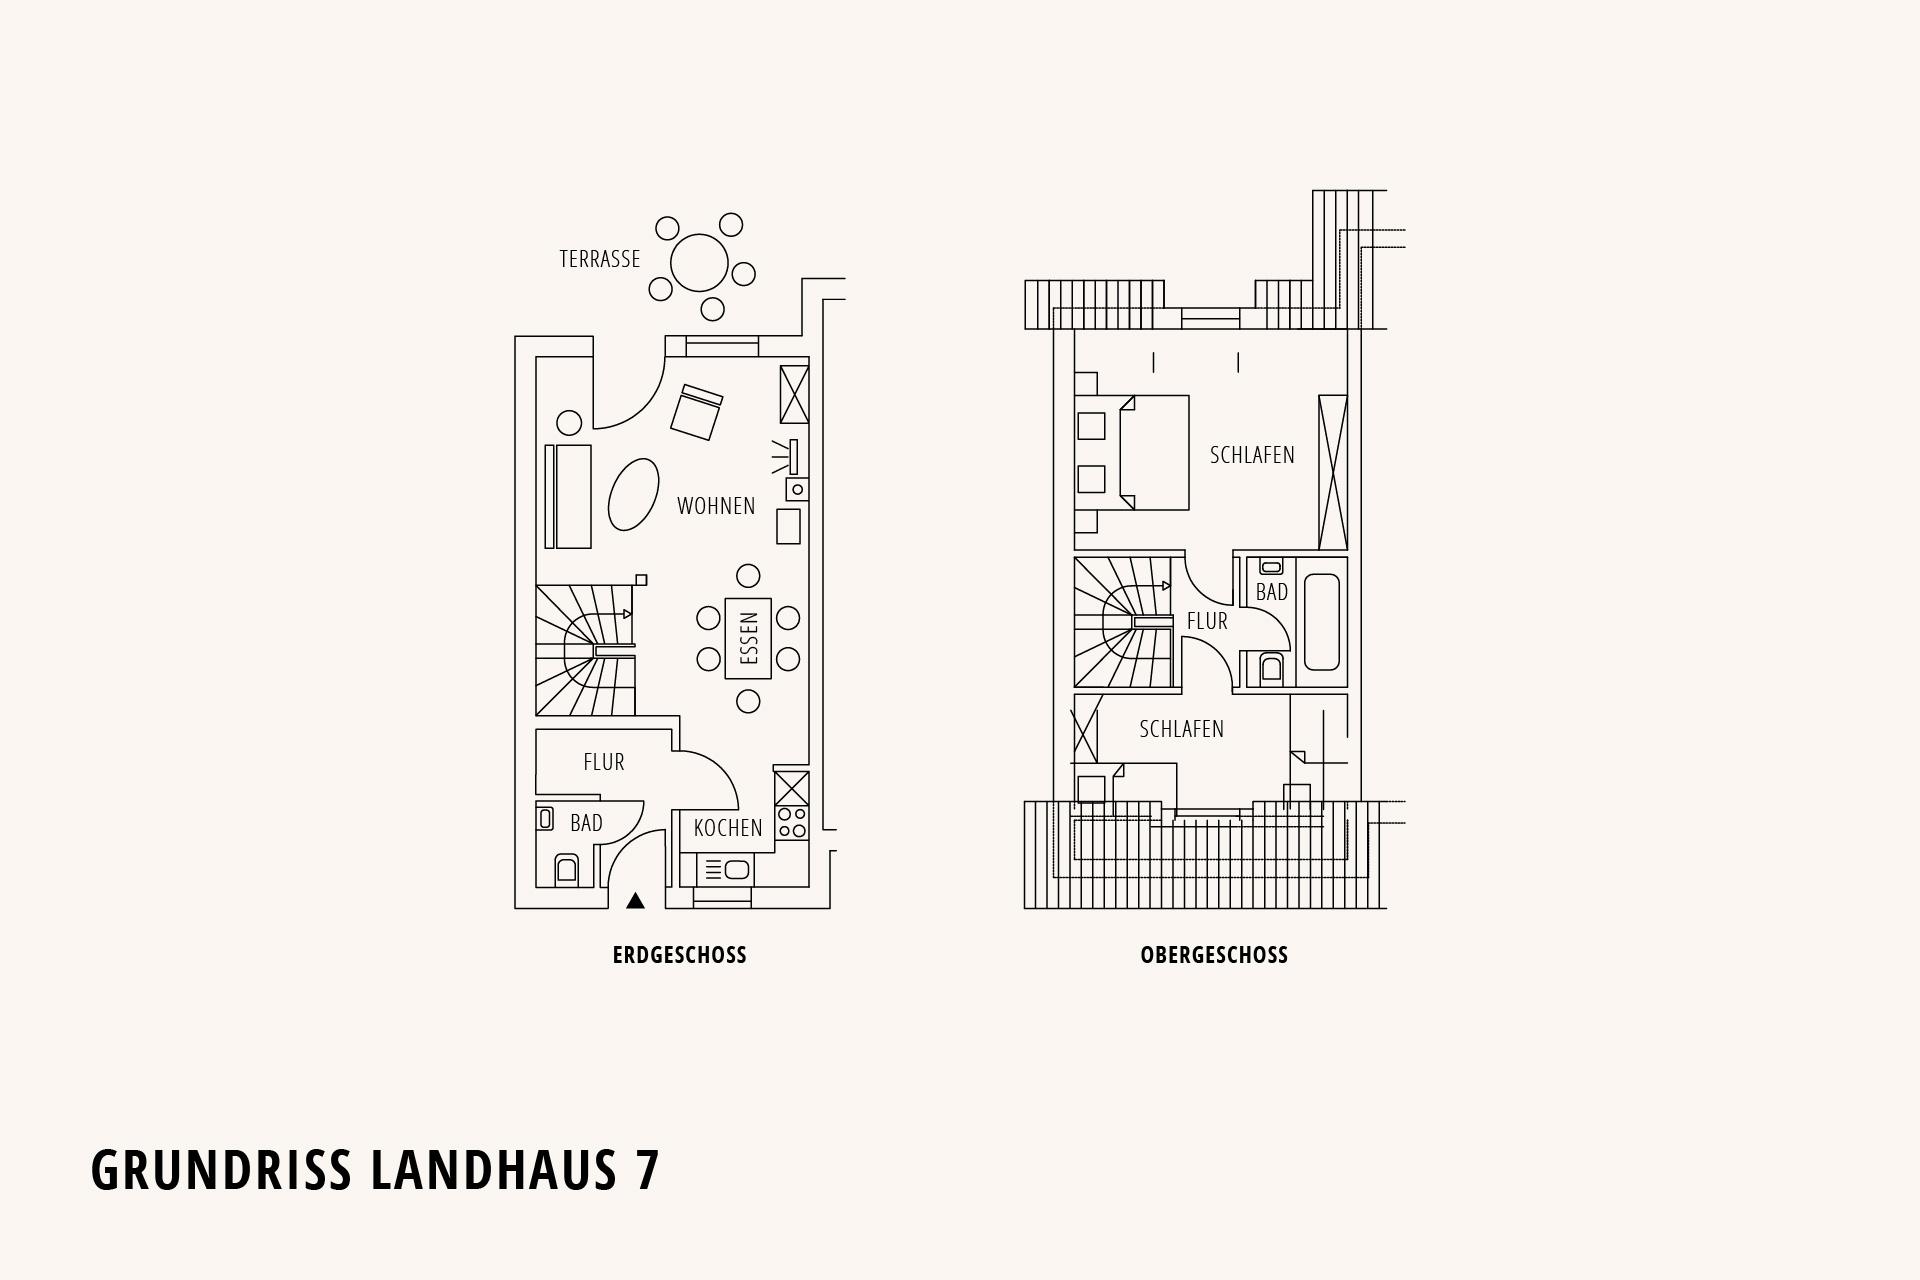 Landhaus_7_Grundriss